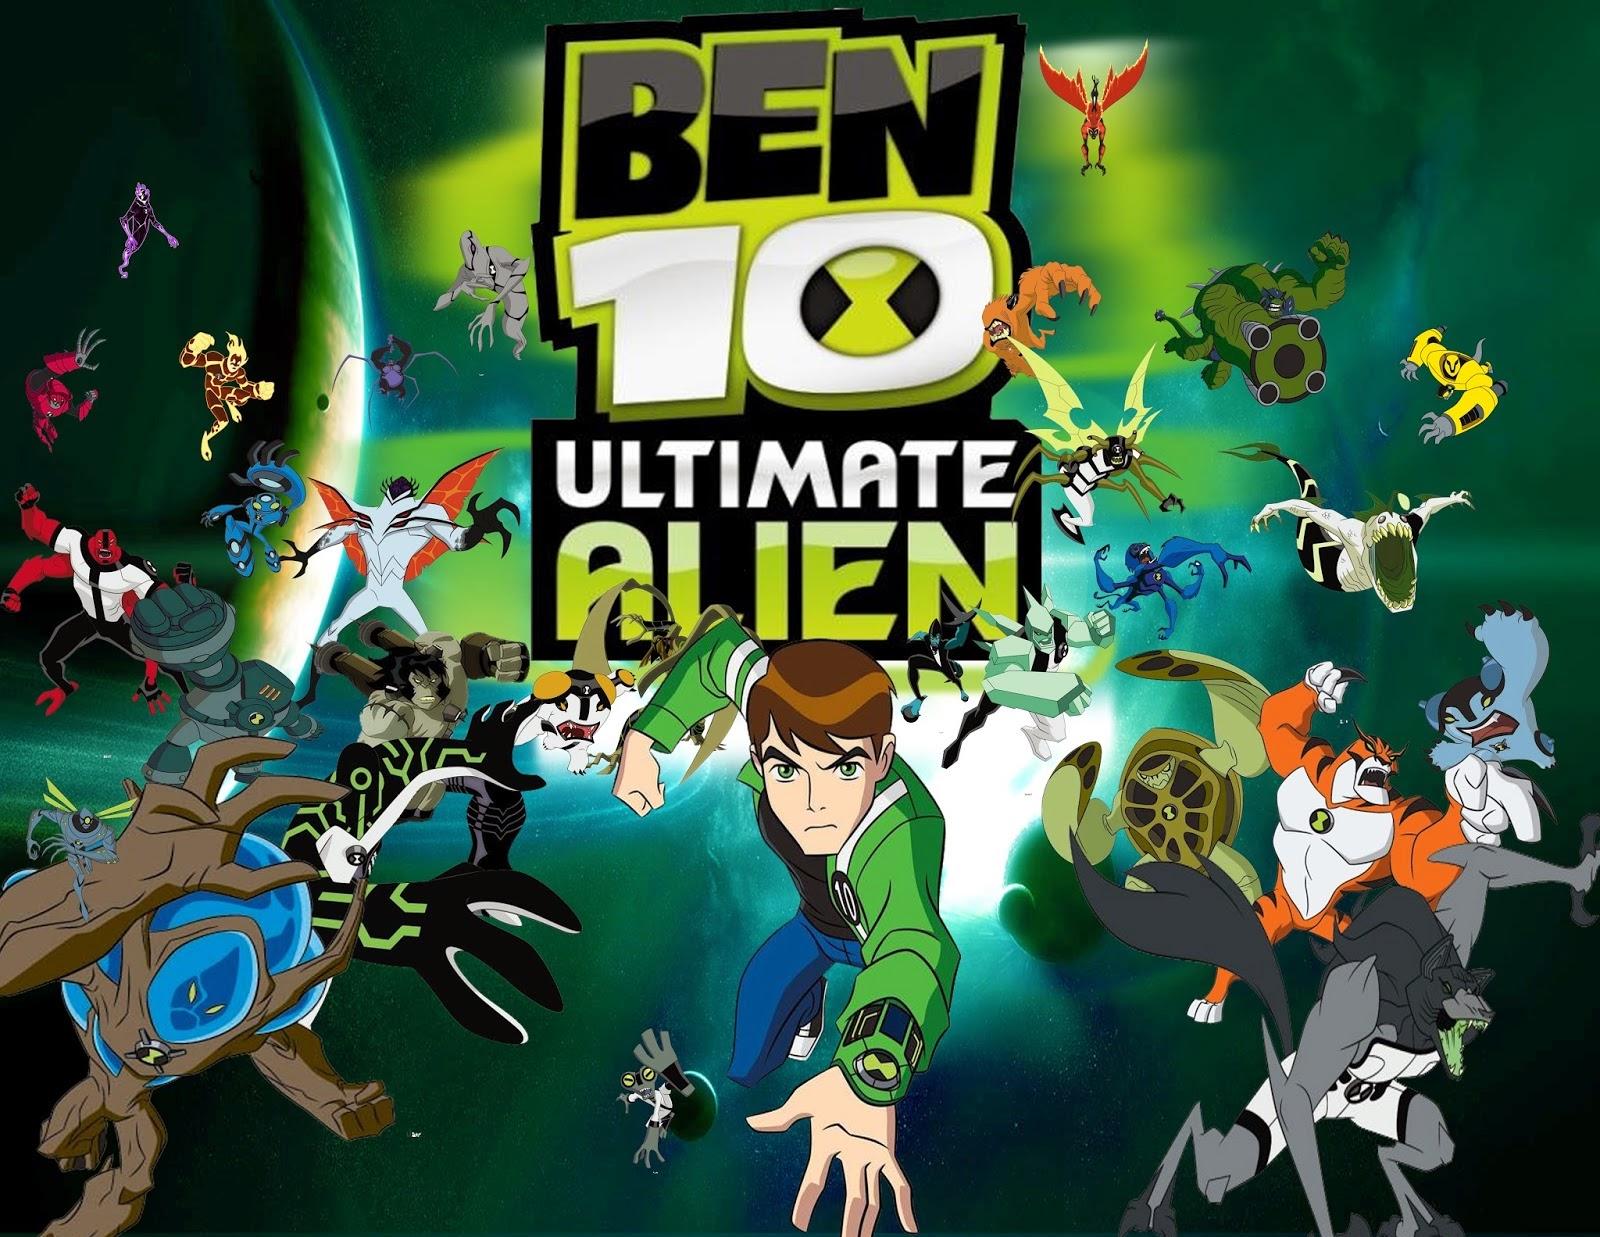 Play Ben 10 Ultimate Alien Cosmic Destruction Games Online